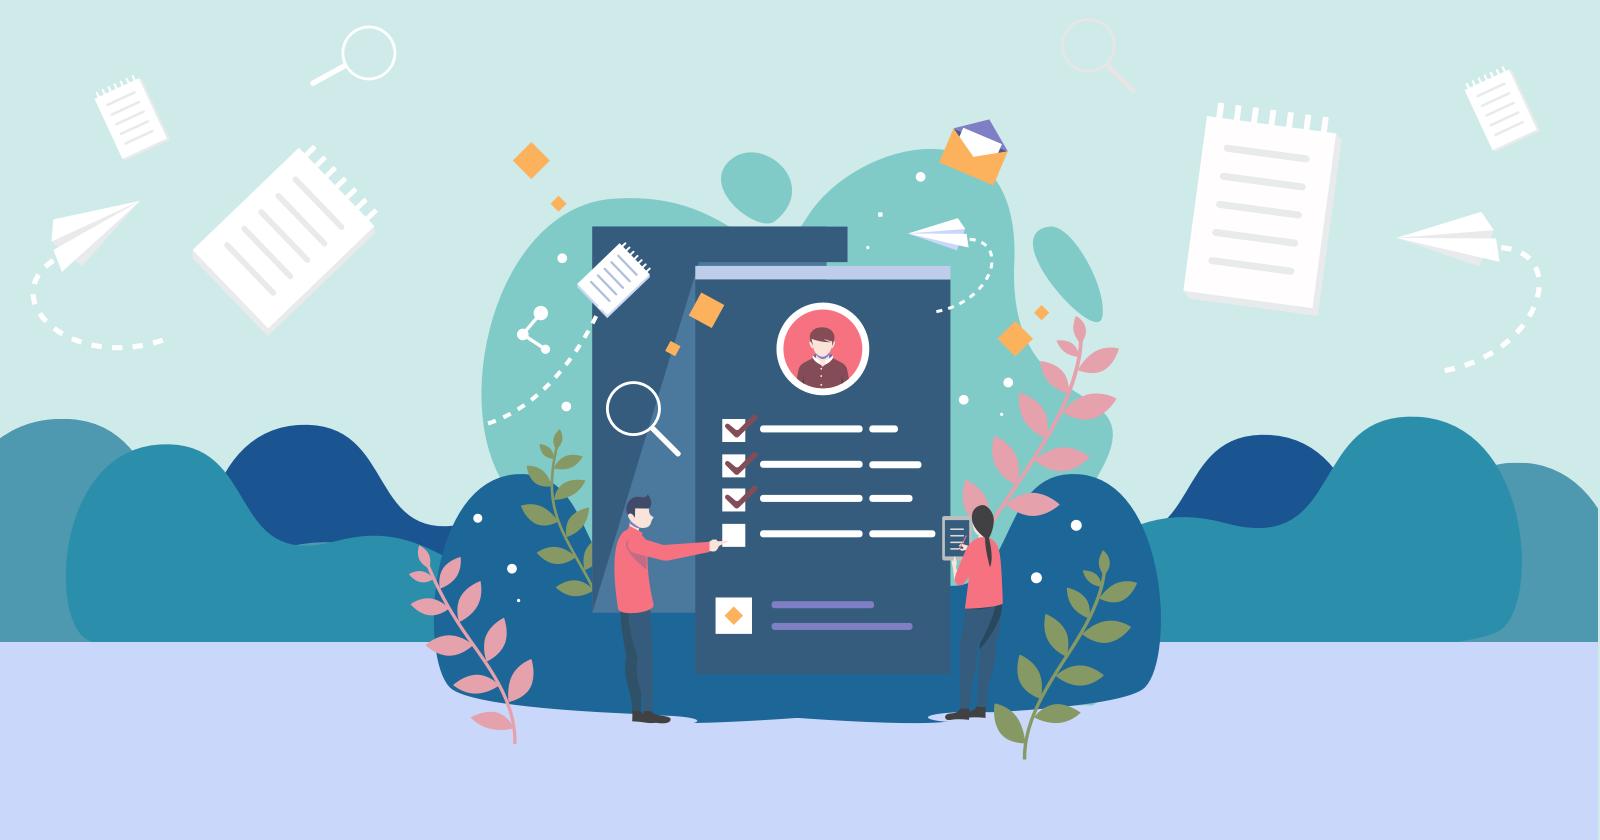 ۶ نکته برای پیدا کردن و جذب برترین توسعهدهندگان